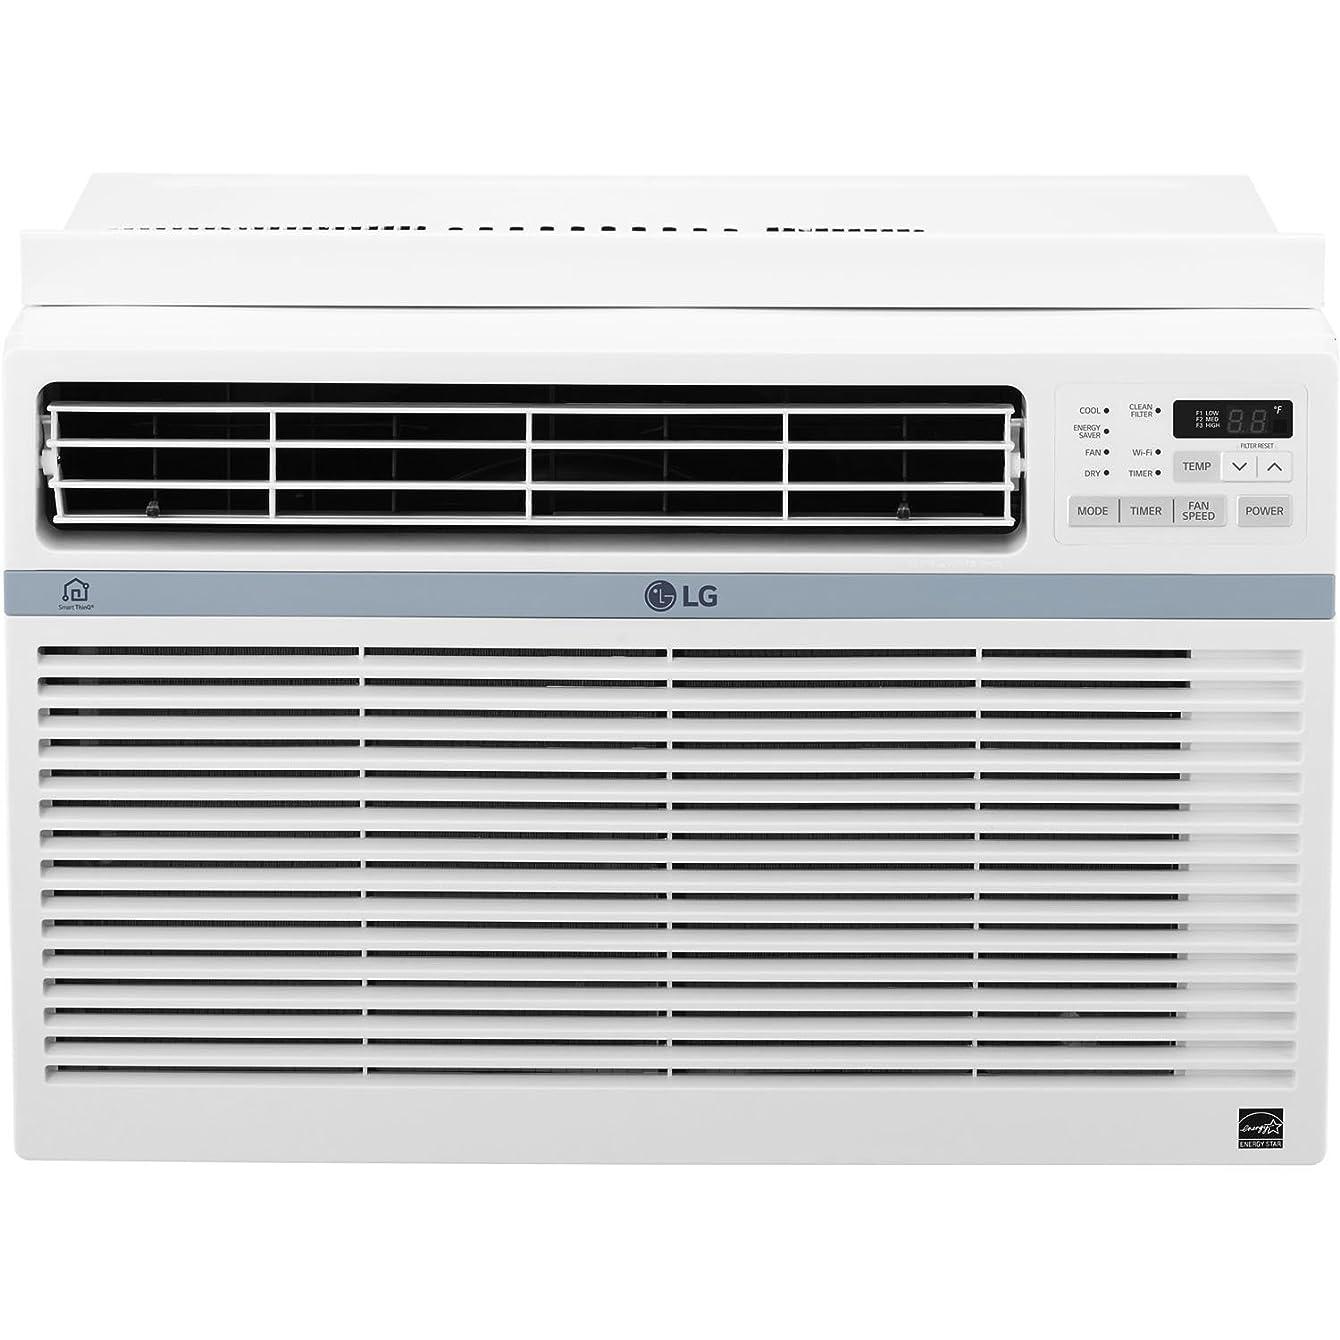 LG LW1017ERSM Energy Star 10,000 BTU Window Air Conditioner with Wi-Fi (Renewed)